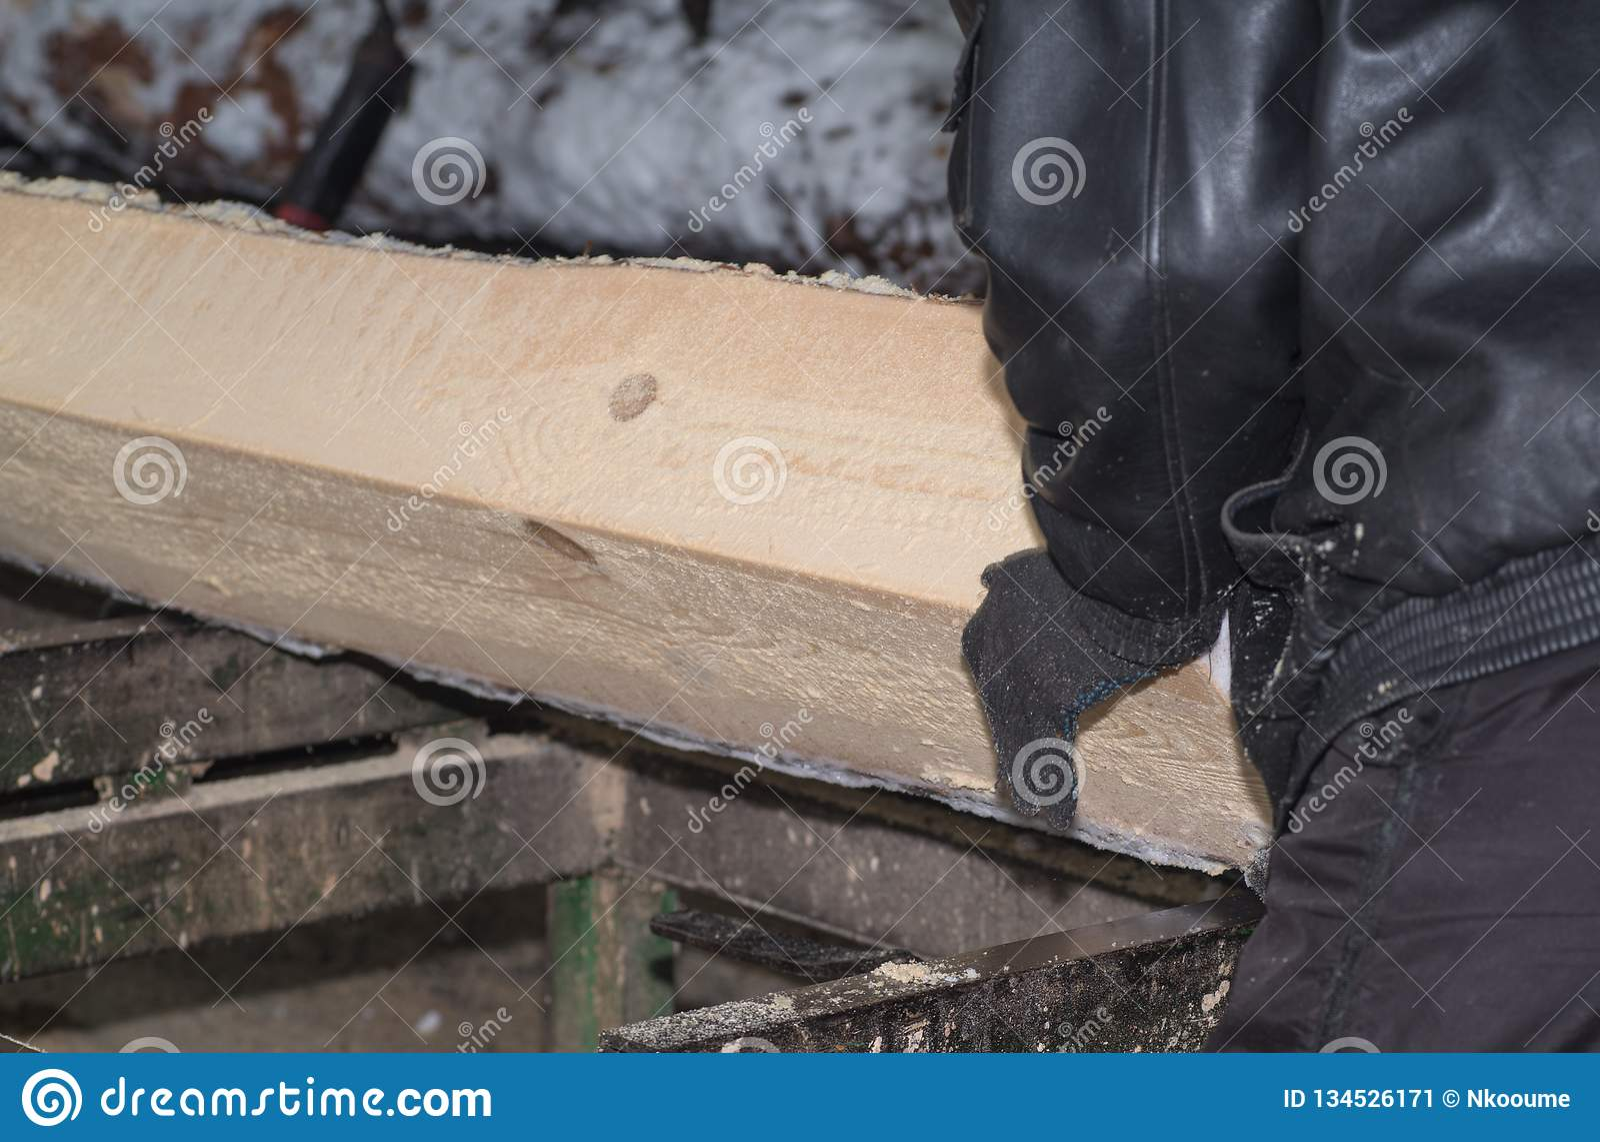 Traitement de bois La coupe ouvre une session les conseils Dans le processus d hiver un arbre